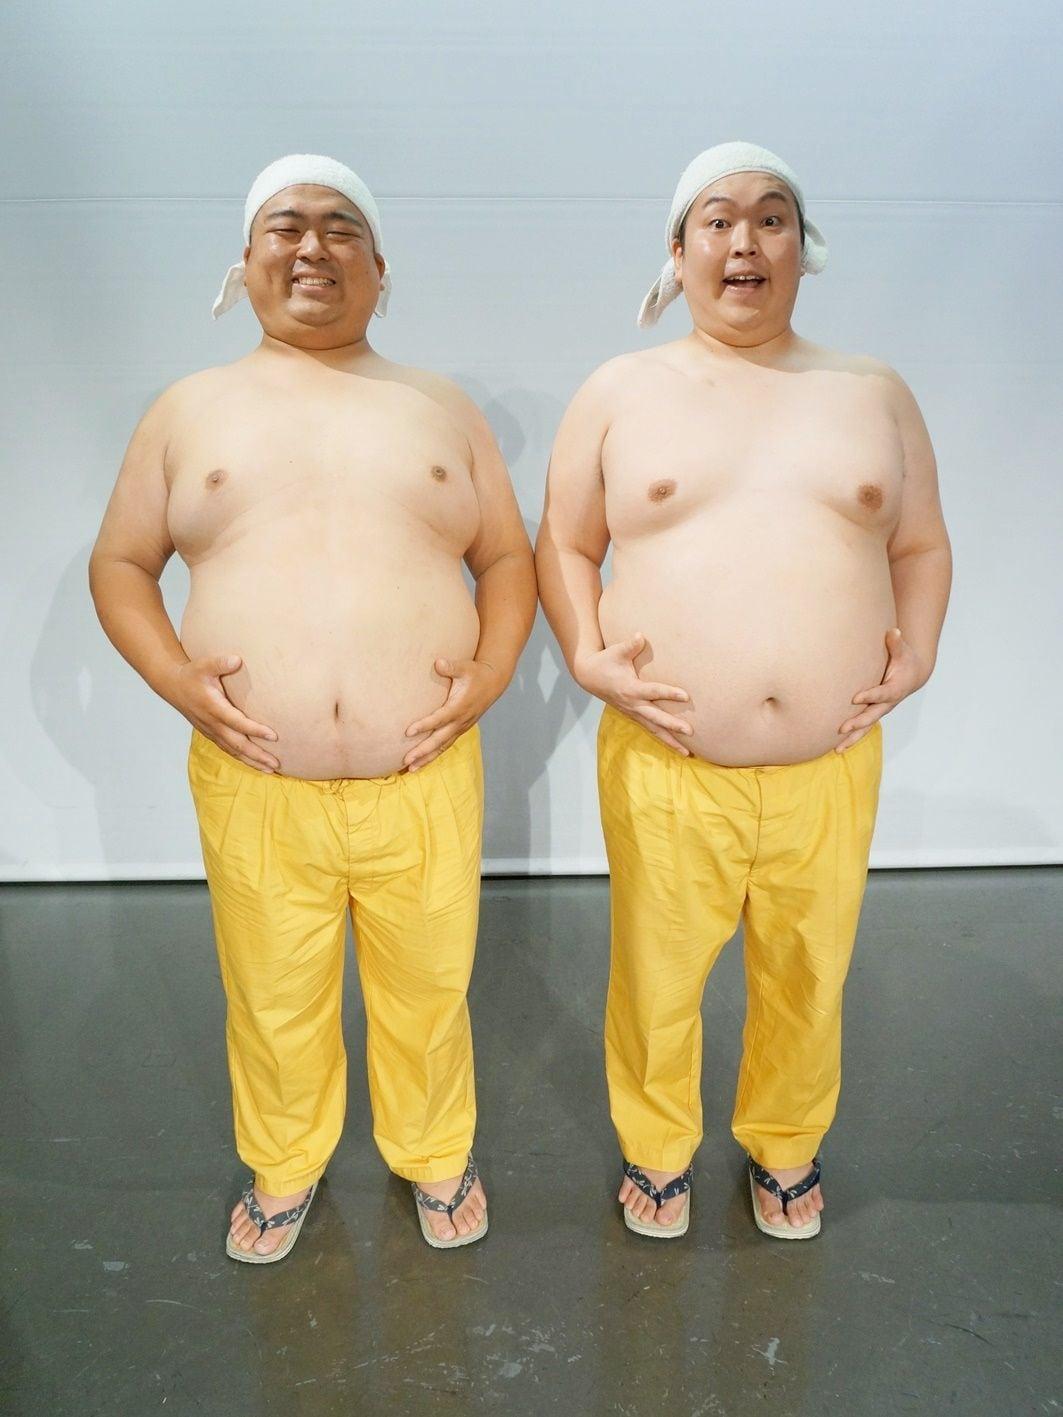 【祝サッカーW杯T進出動画付】芸人・ゆんぼだんぷが、アジアのスターになっていた!の画像002